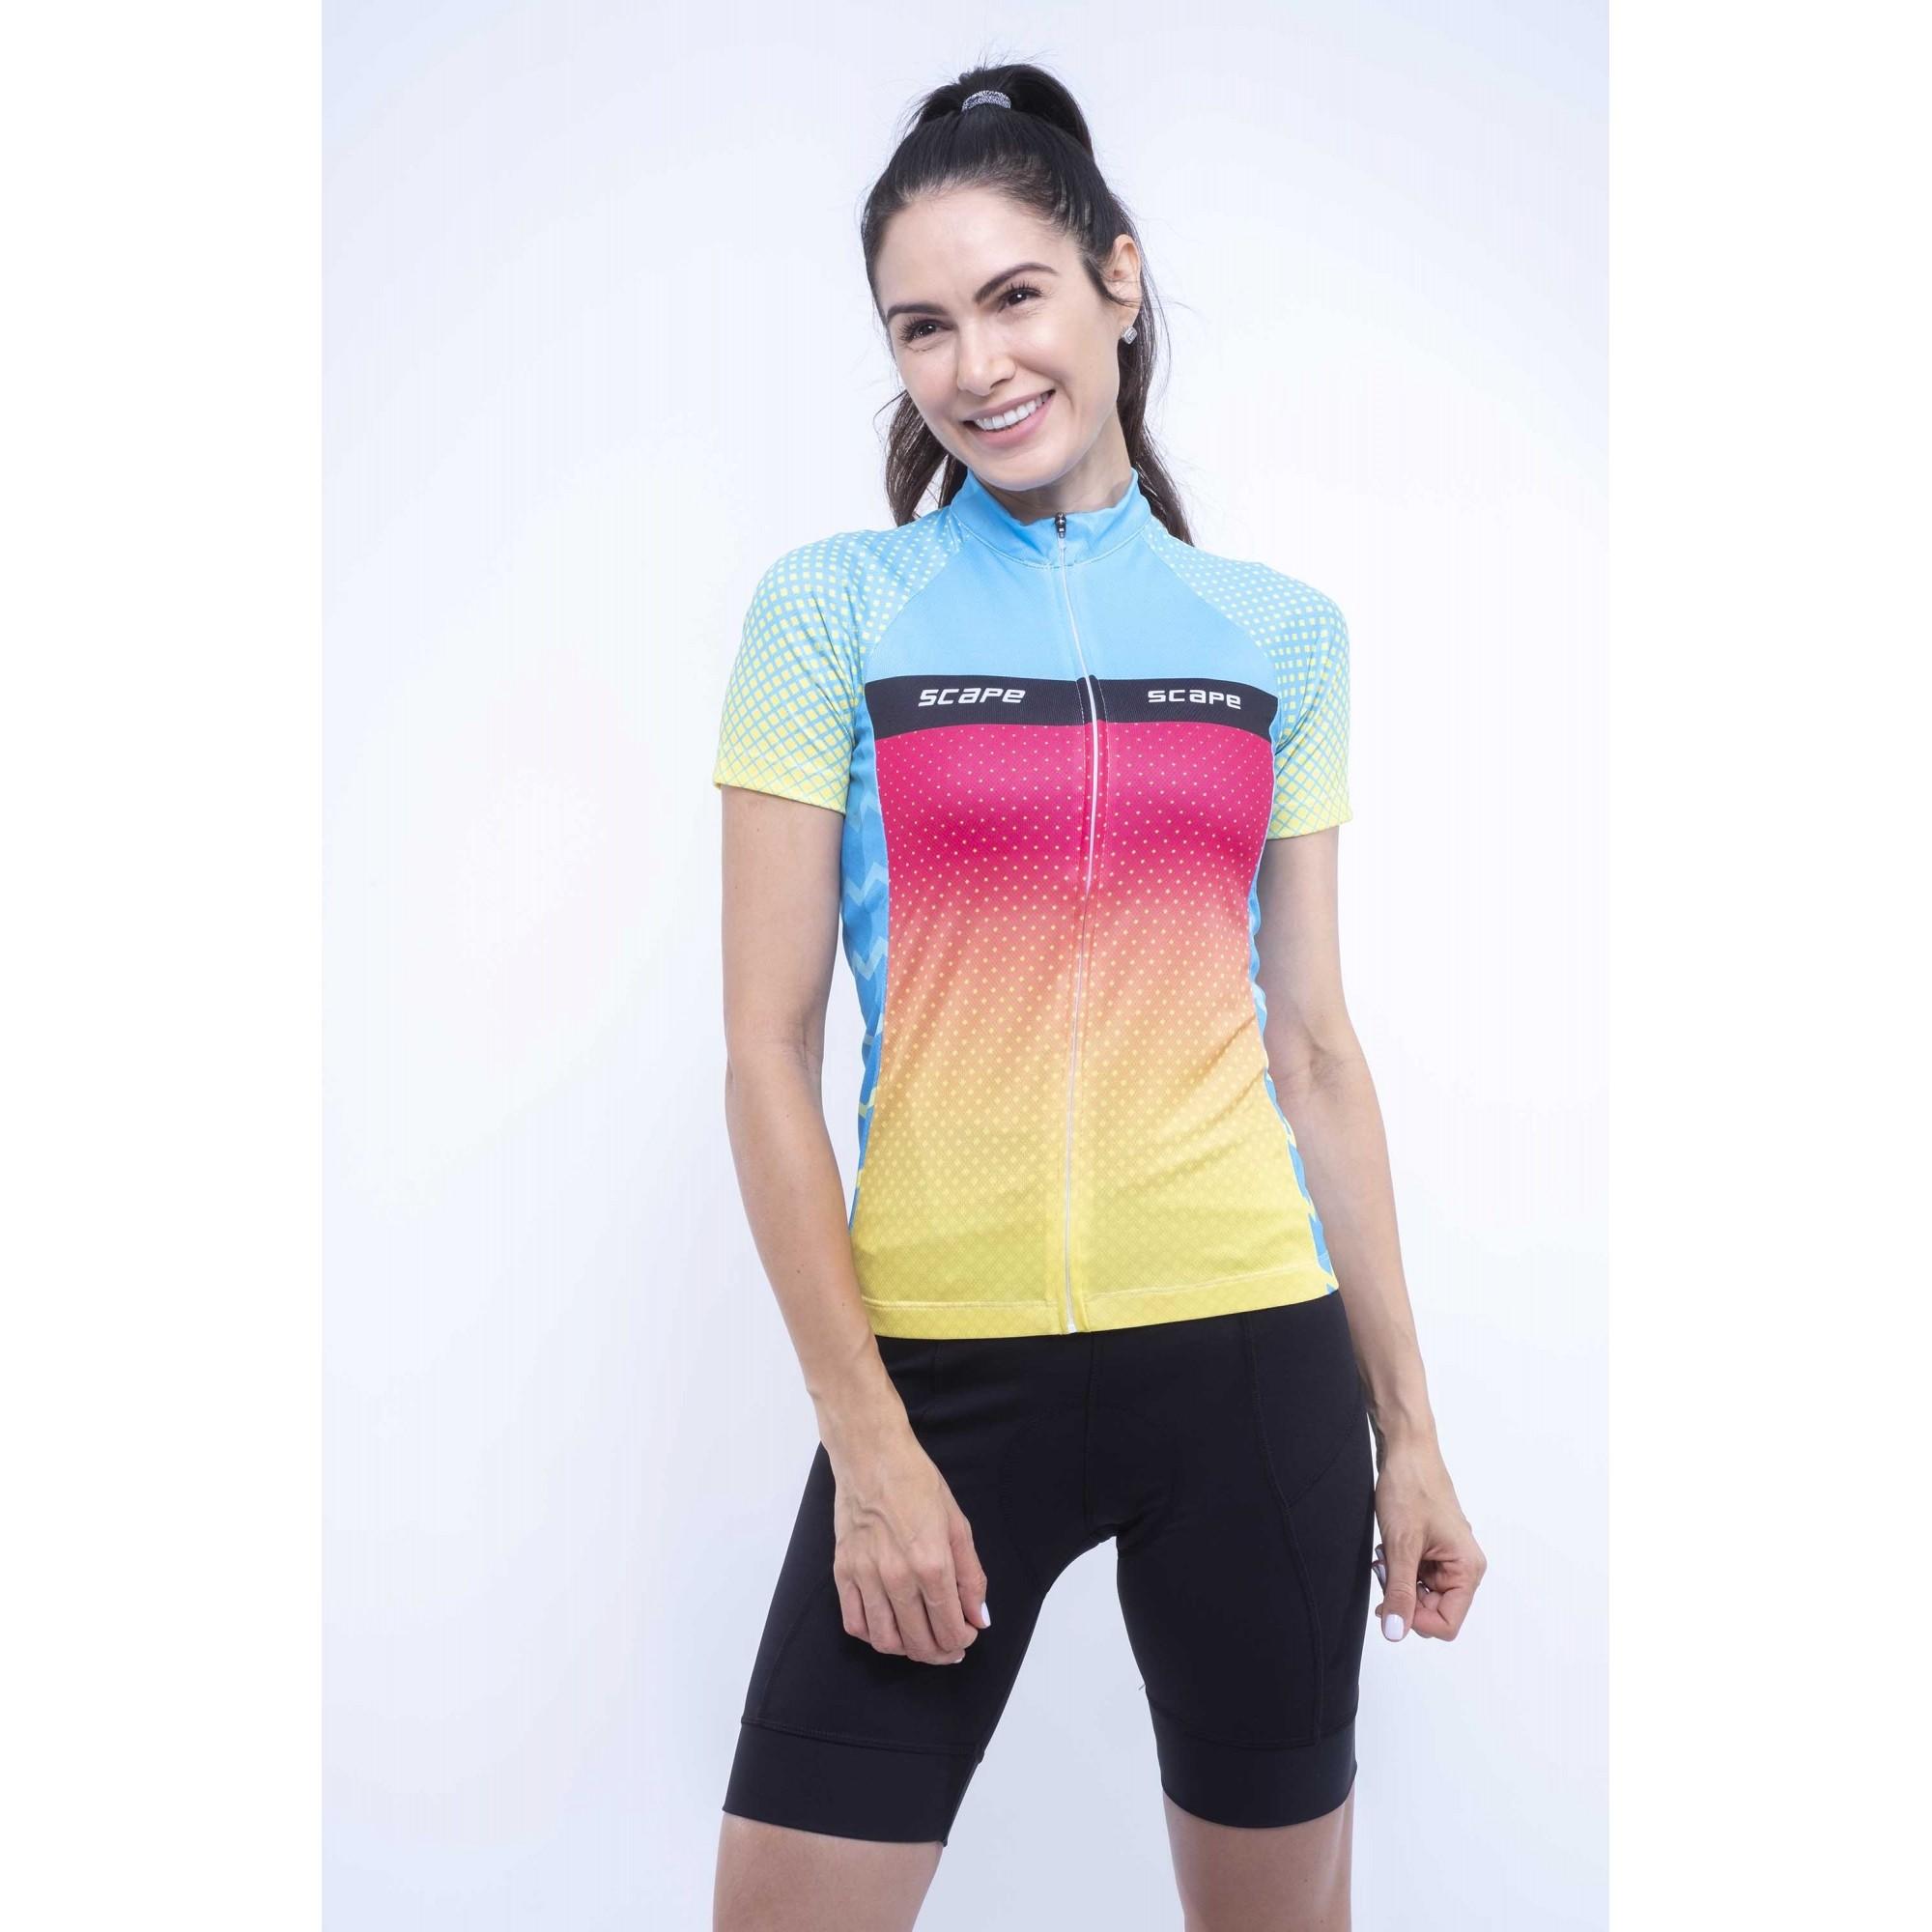 Camiseta Feminina Ciclismo Happy c/ Proteção UV - Scape